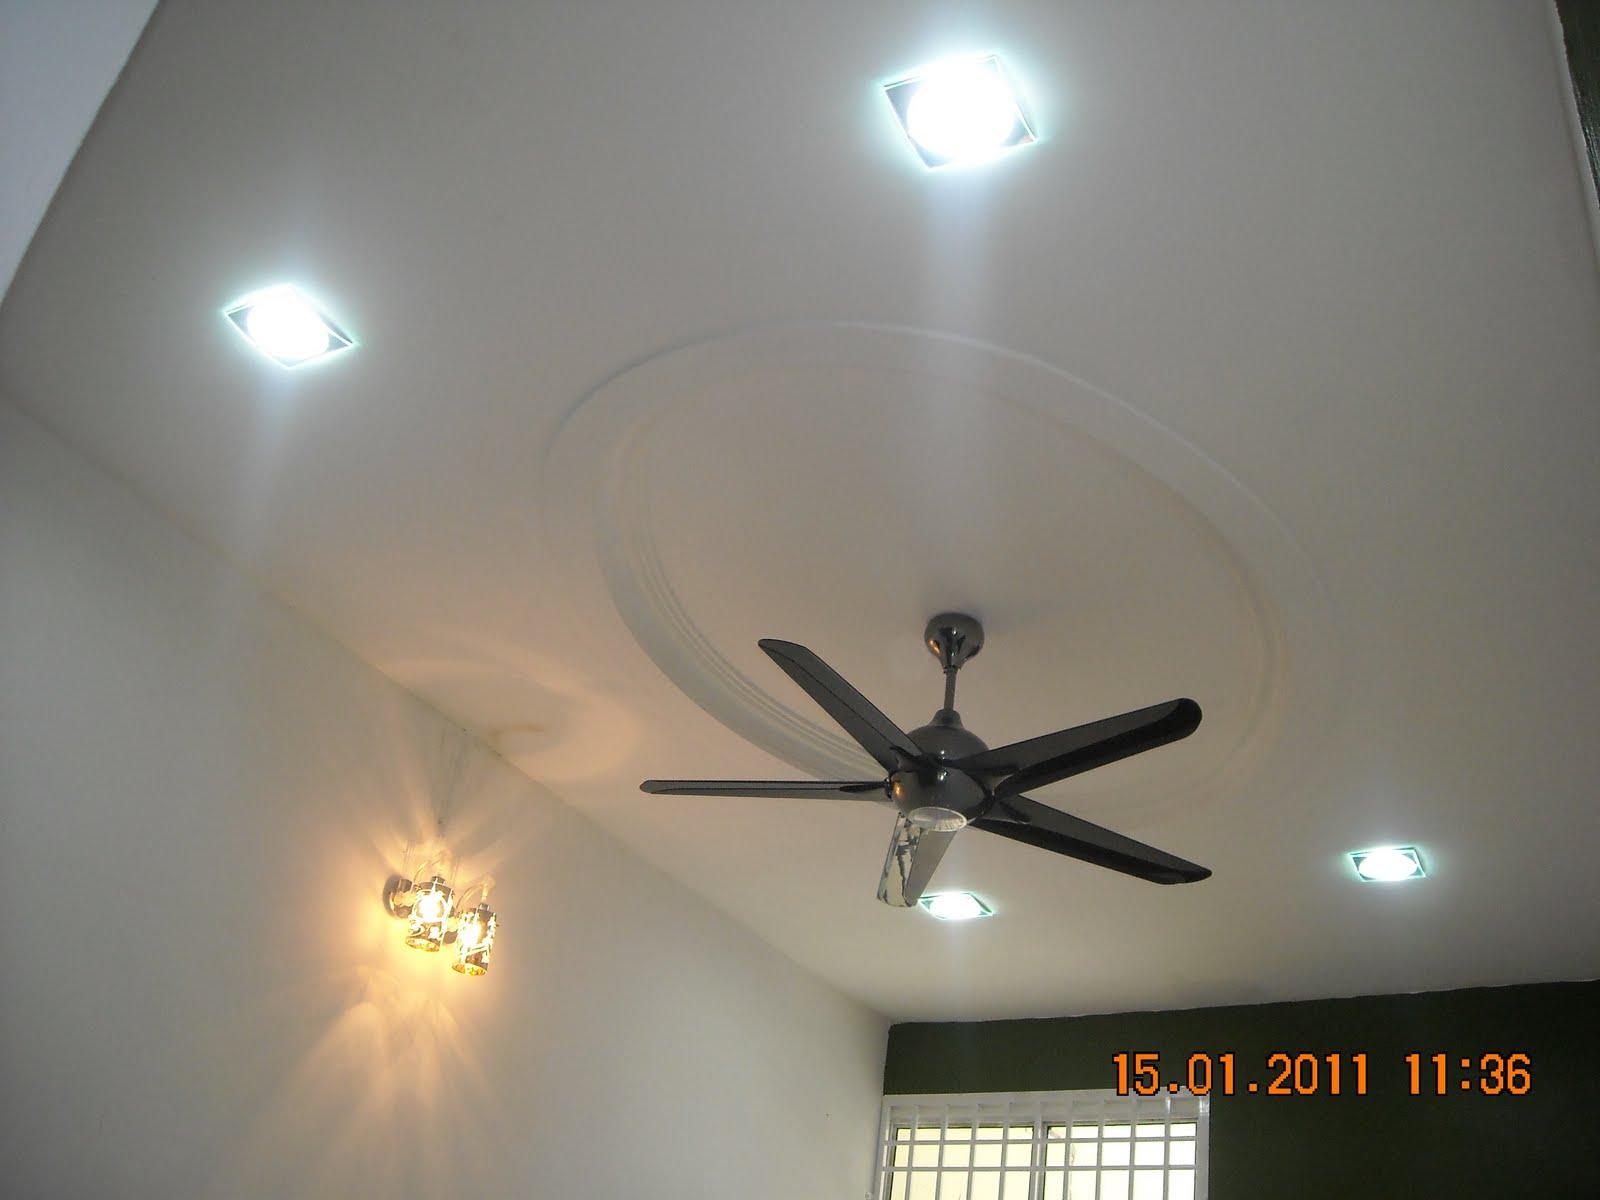 Deko Rumah Pasang Lampu Dan Kipas